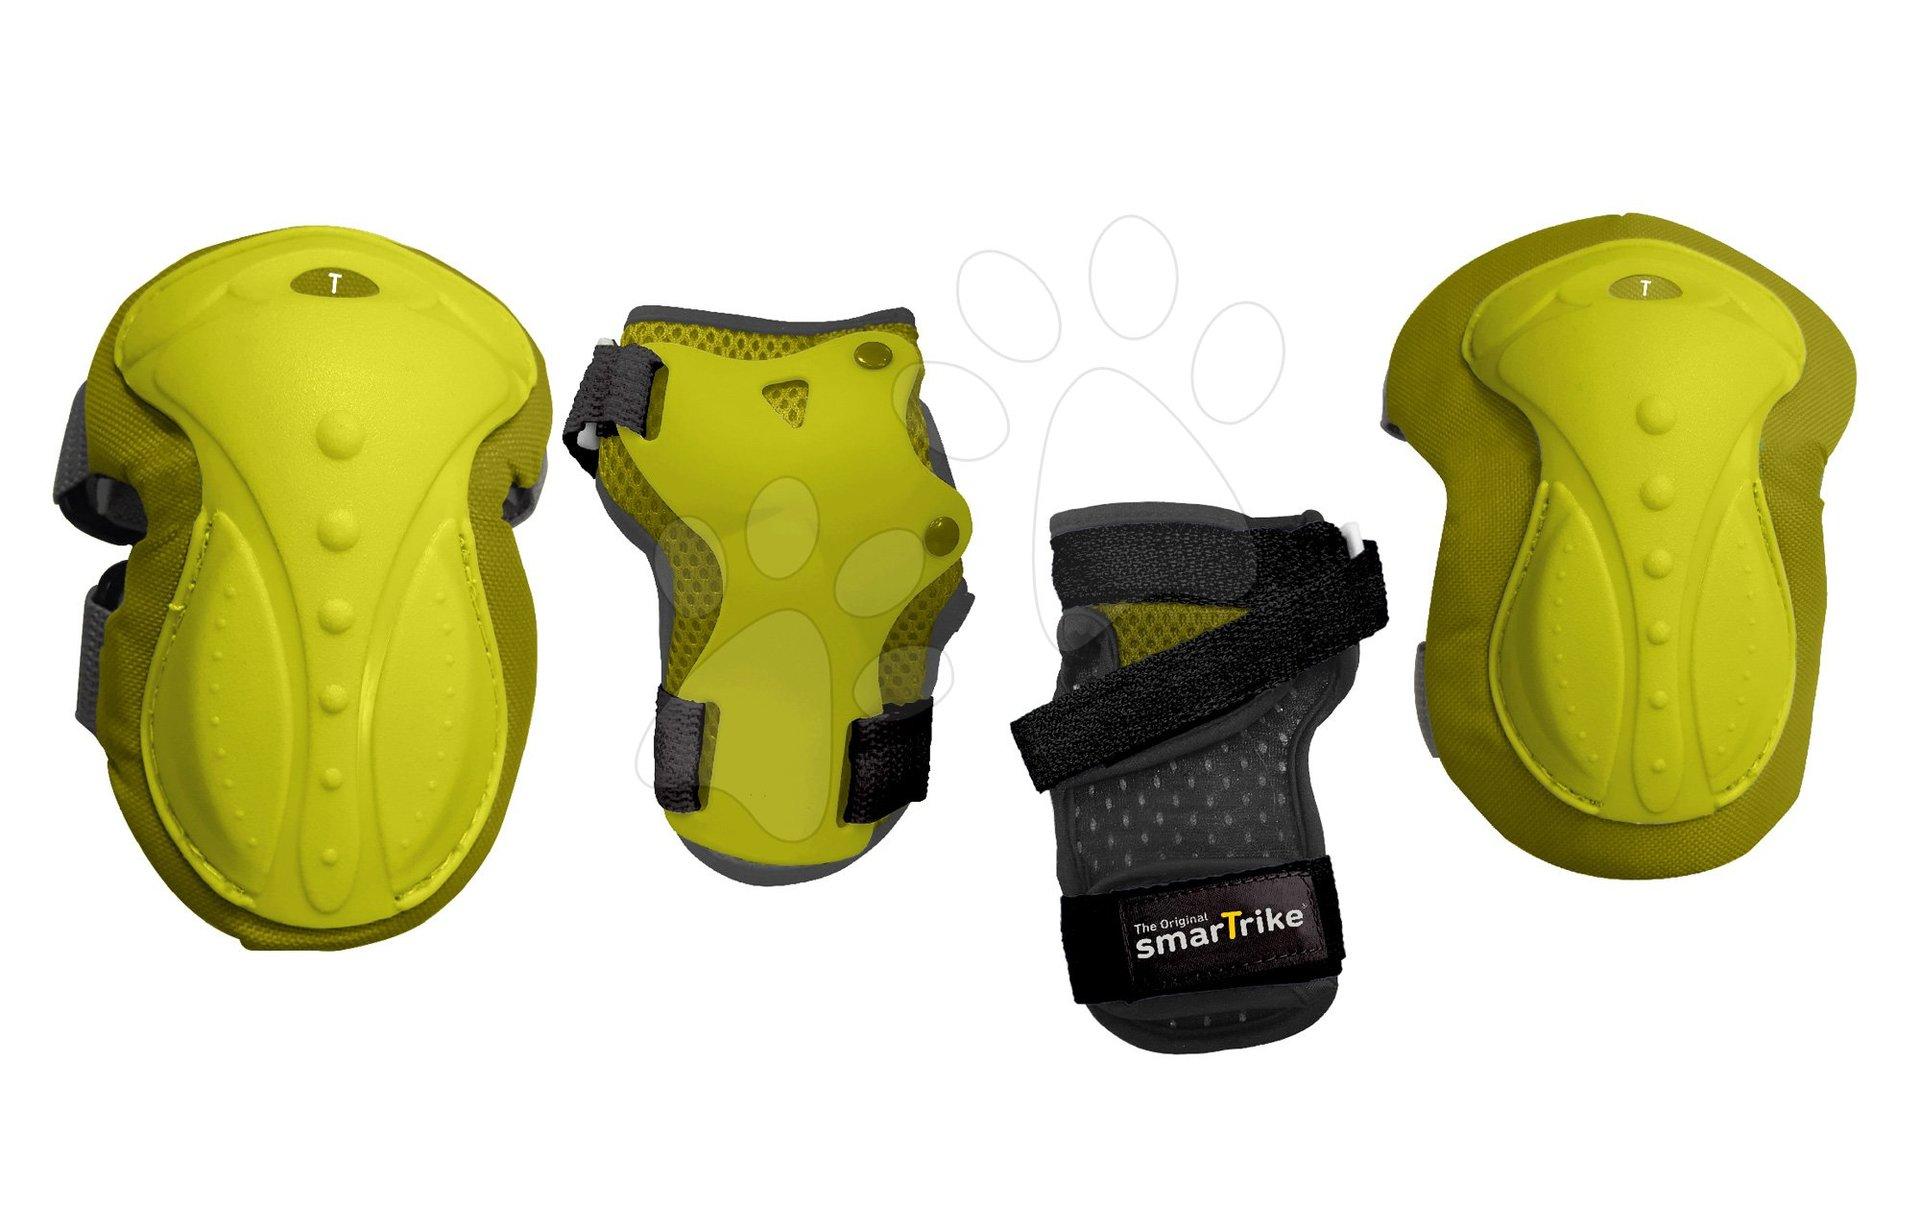 Chrániče Safety Gear set S smarTrike na kolena a zápěstí z ergonomického plastu zelené od 6 let